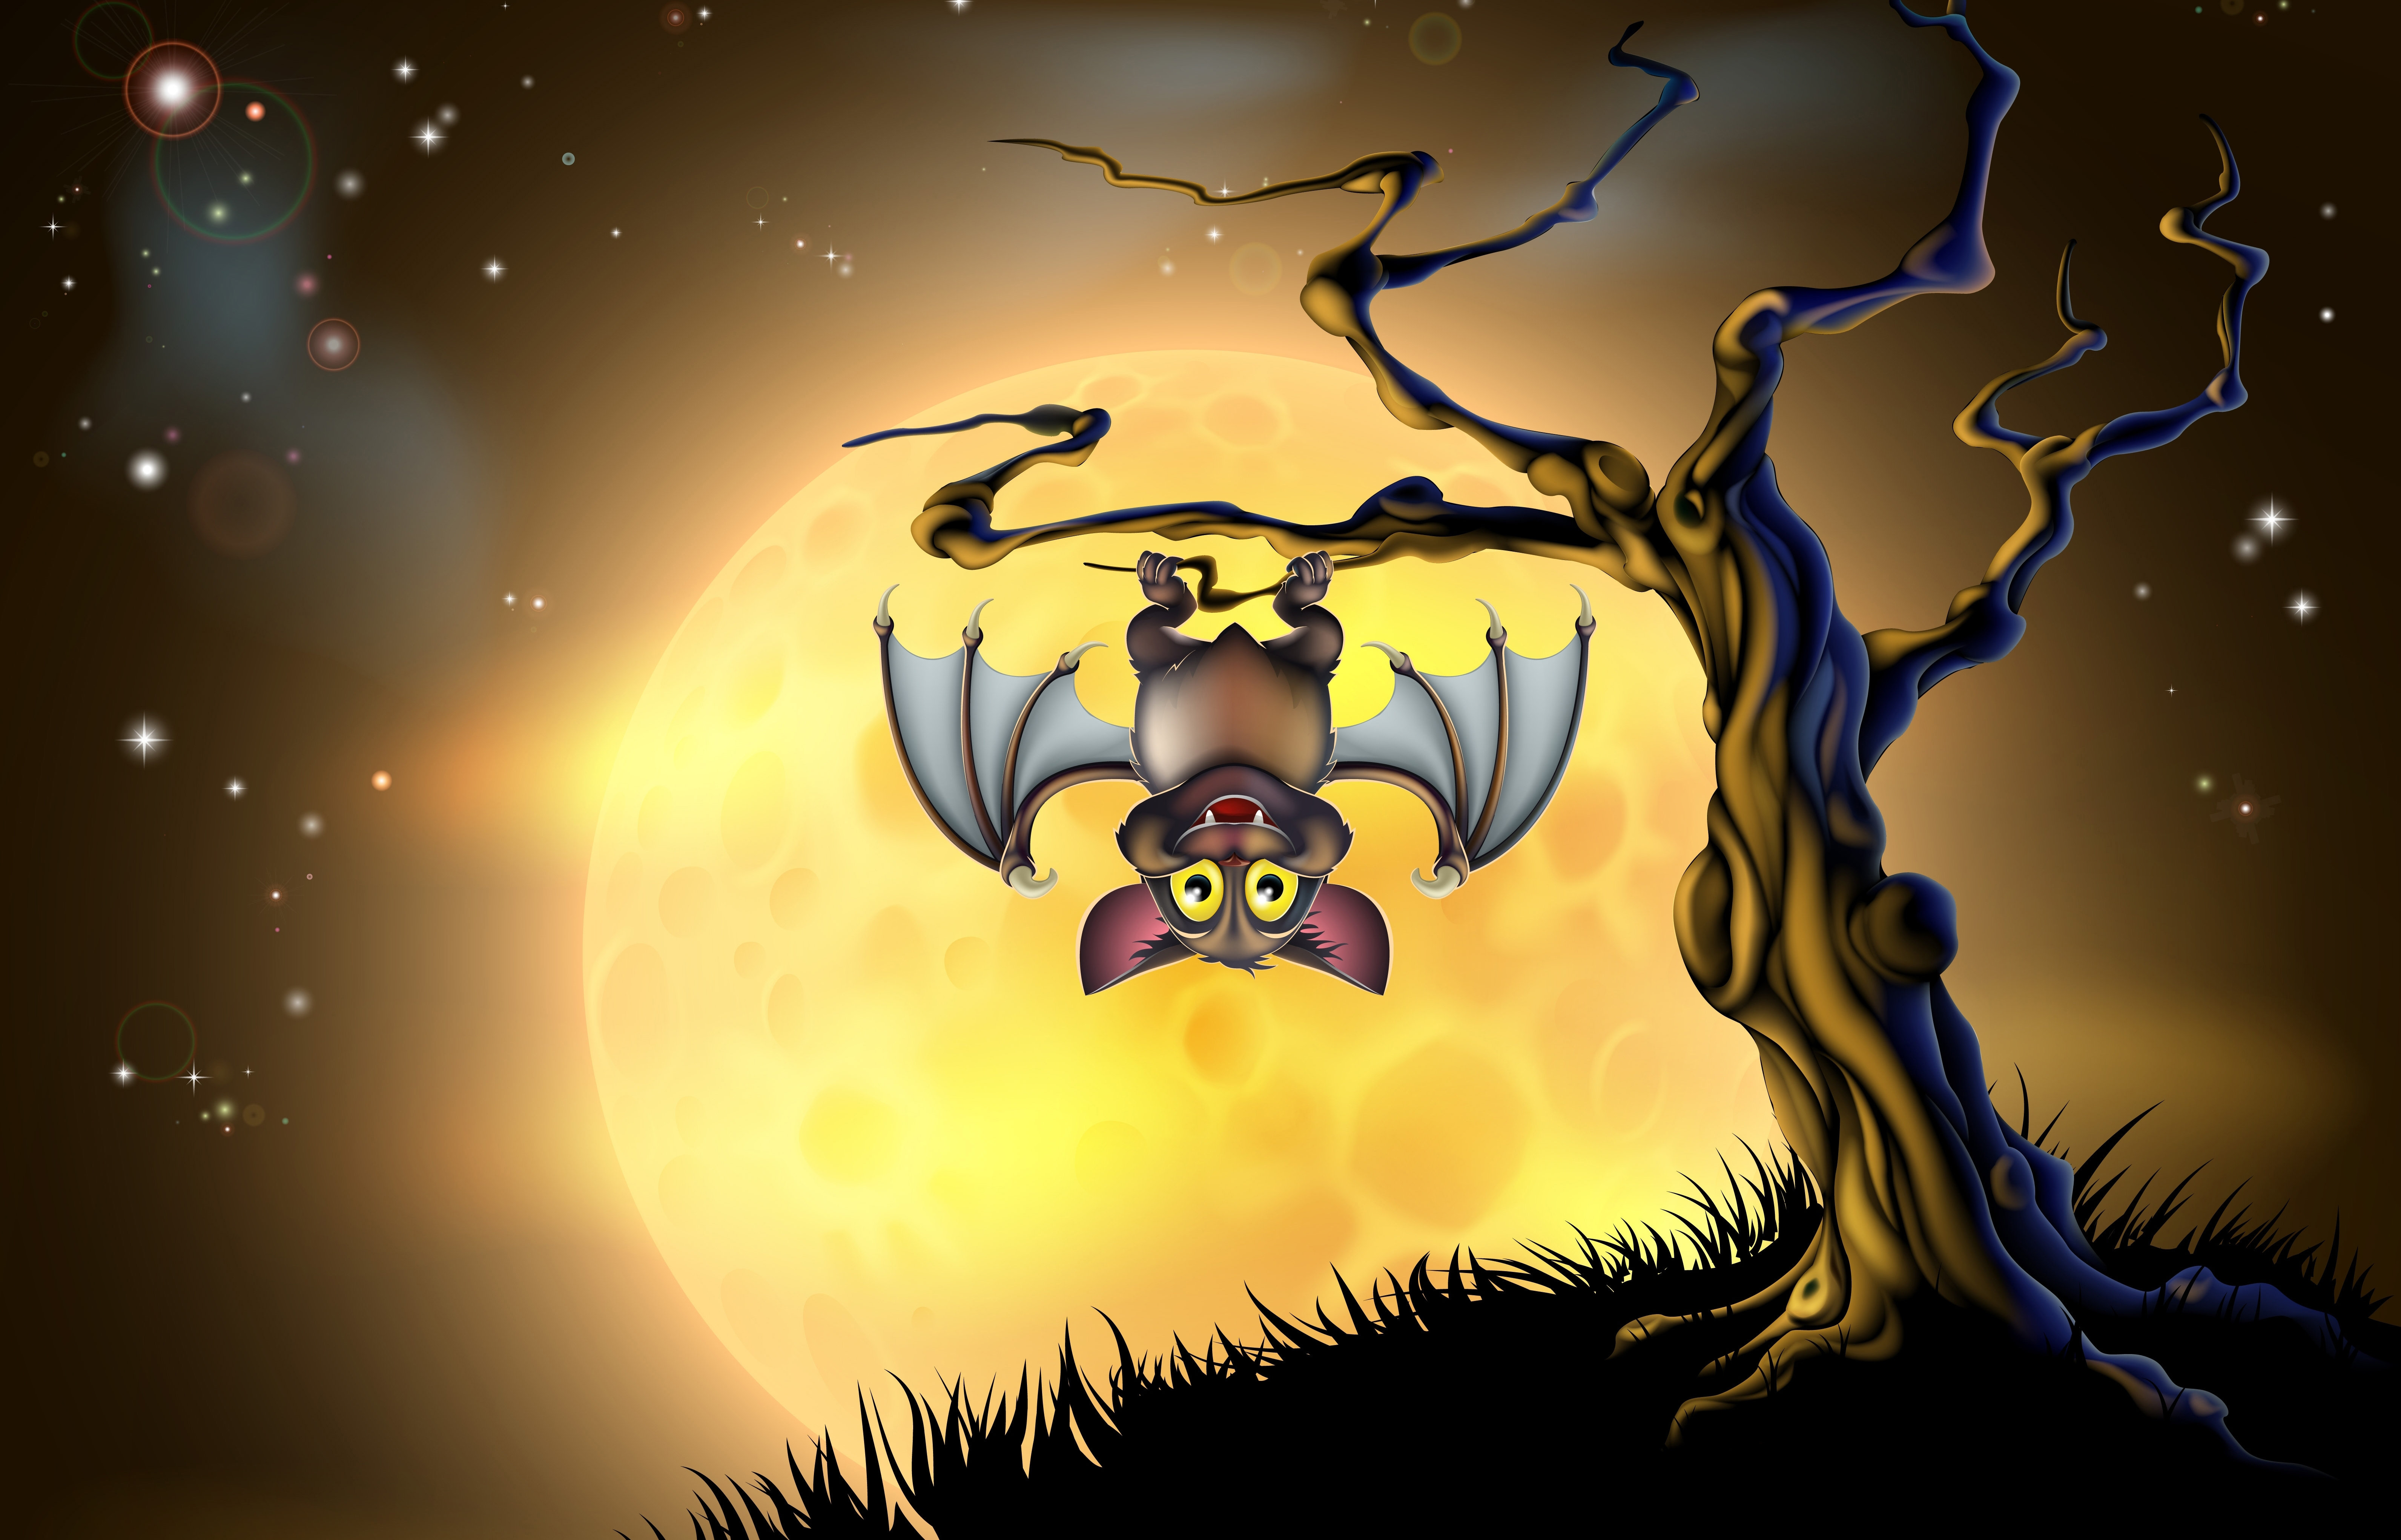 Открытки с ночью летучих мышей, анимация русалка гифка